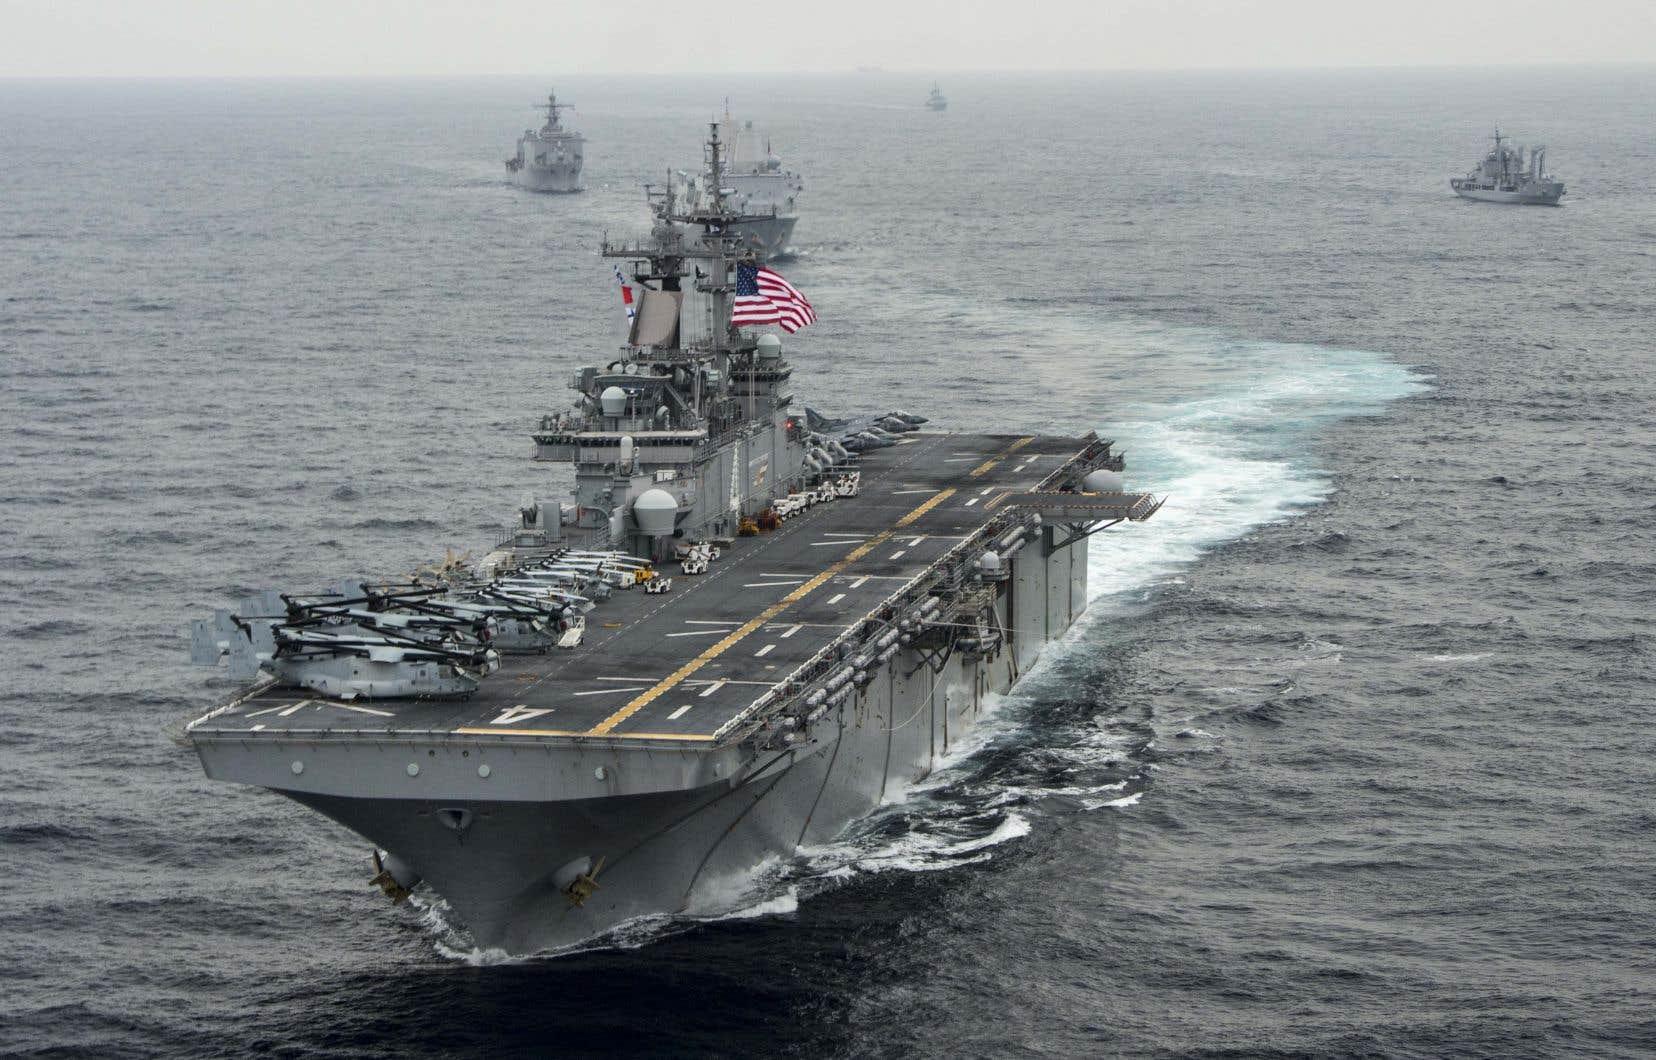 Selon le président américain, le drone iranien s'est approché à moins de 1000 mètres du navire «USS Boxer», qui a entrepris «une action défensive» et a détruit le drone.